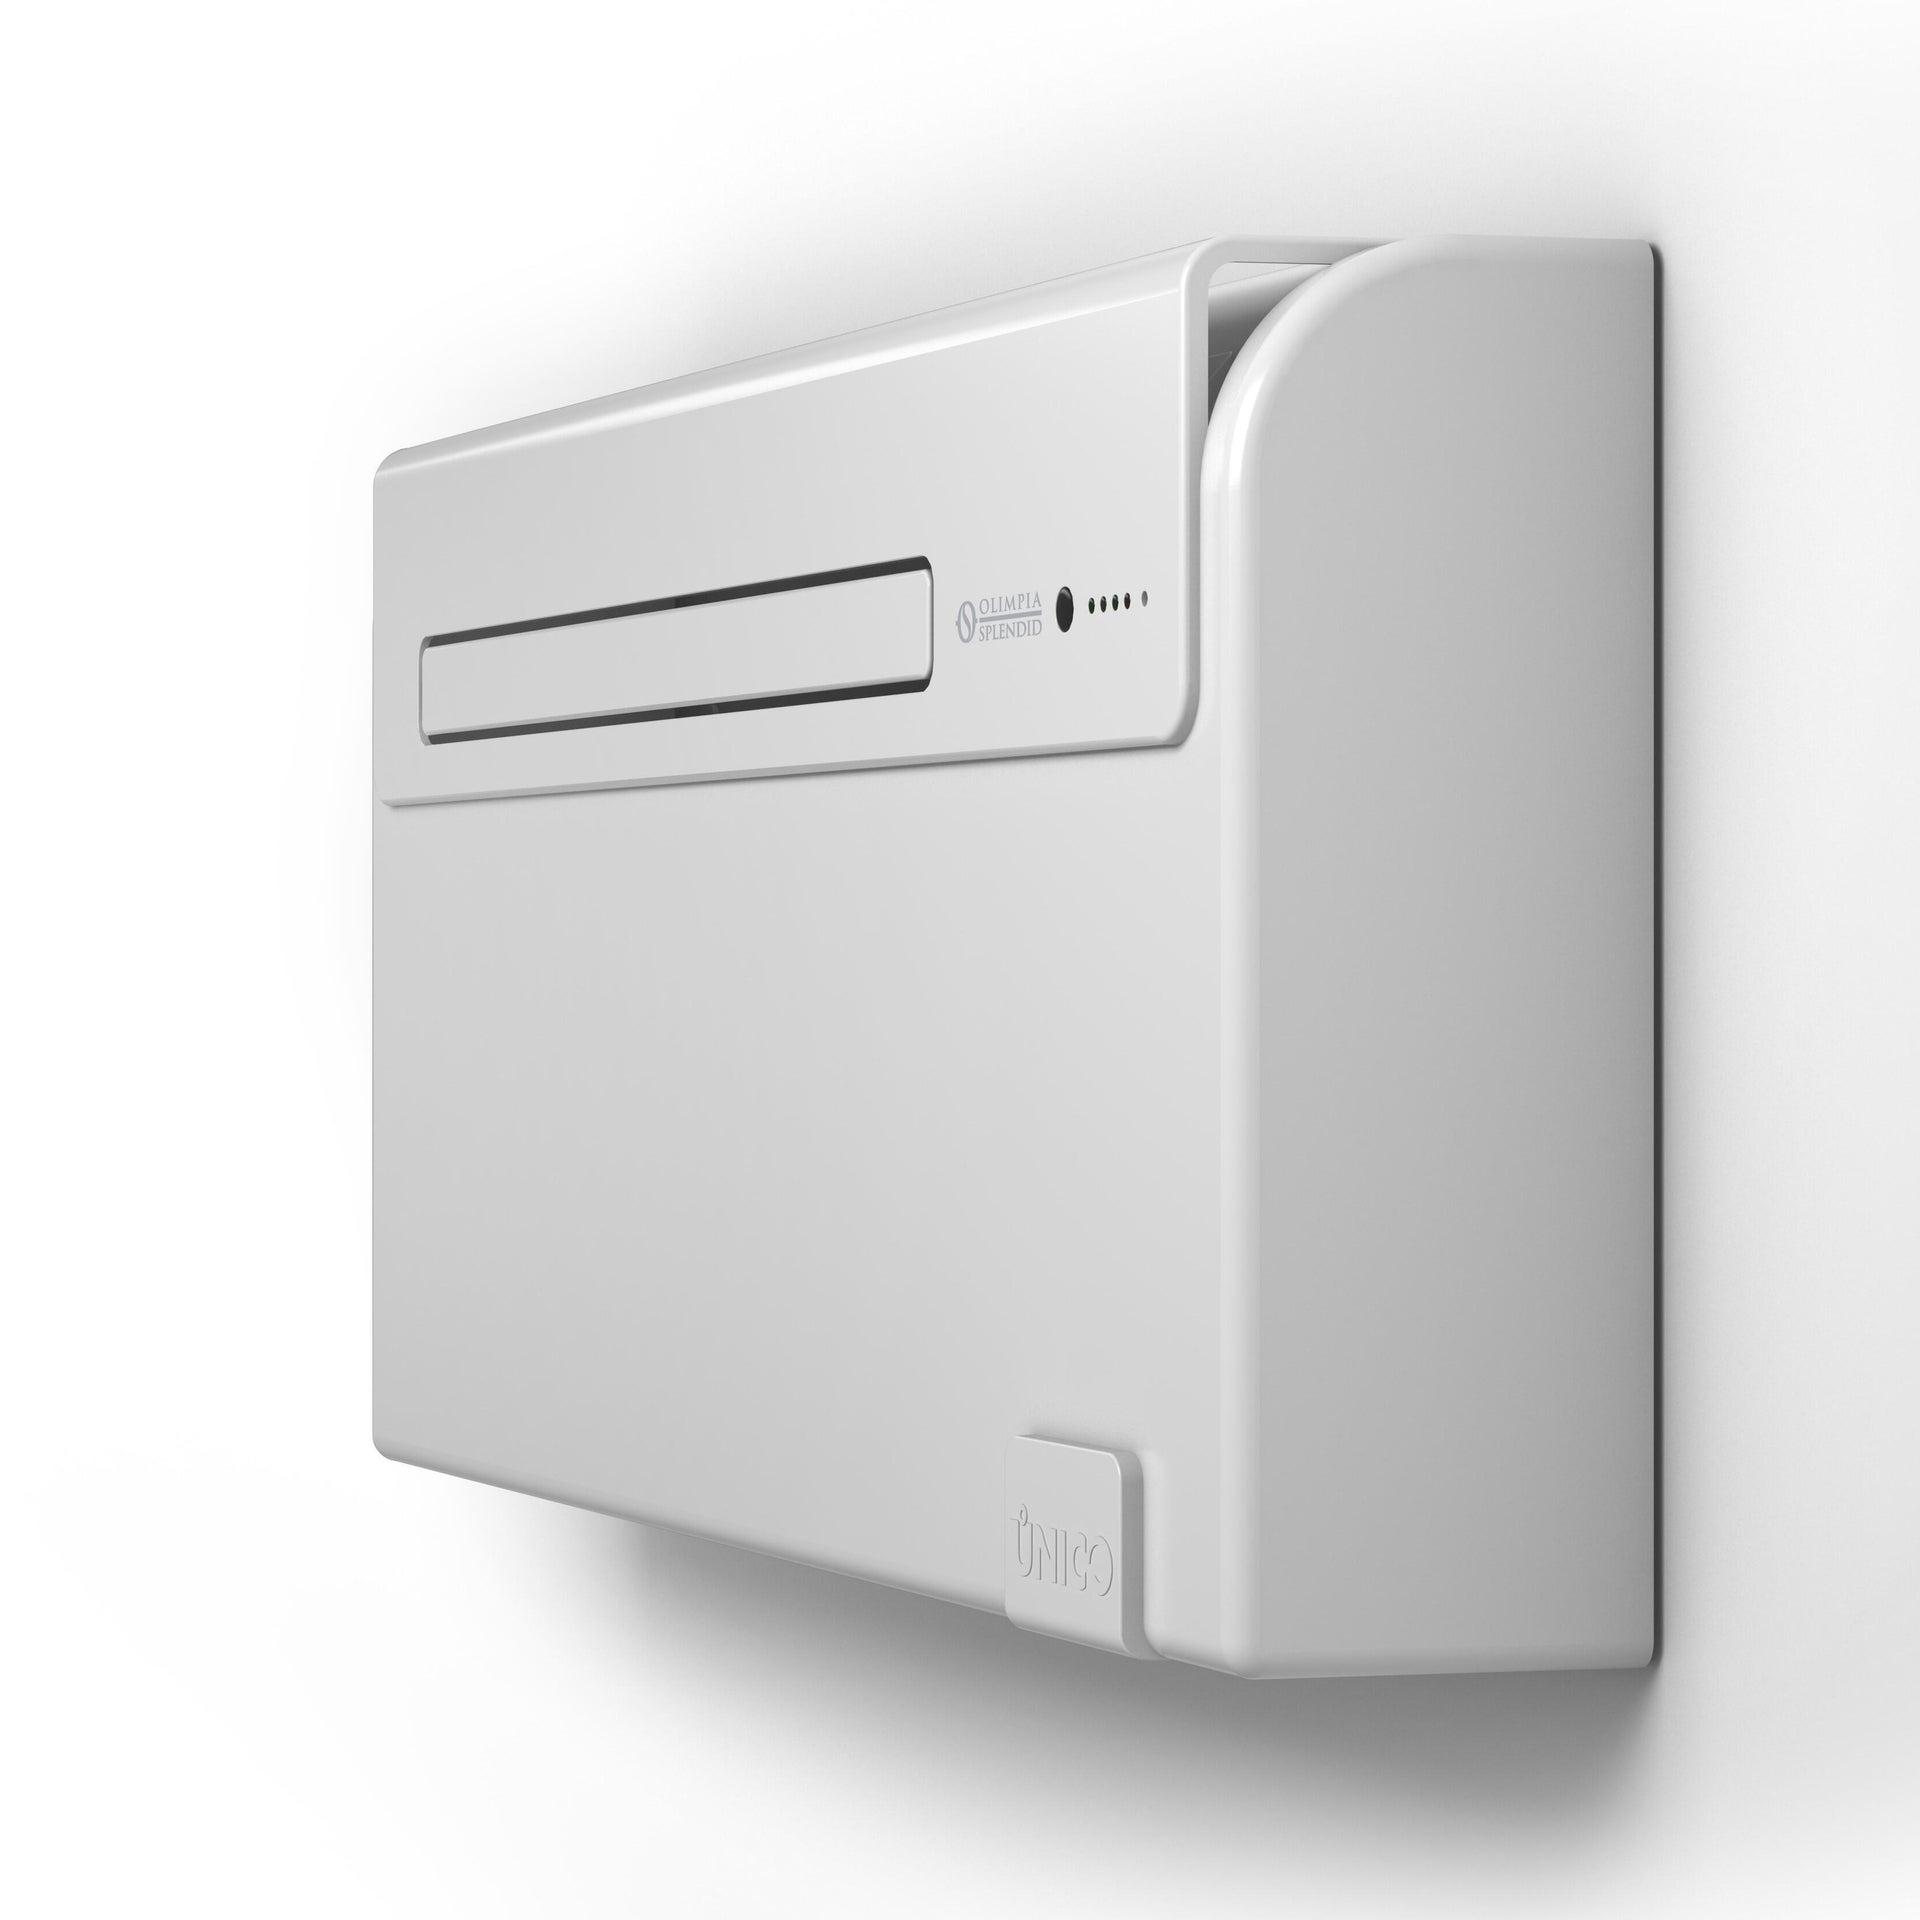 Climatizzatore monoblocco OLIMPIA SPLENDID Unico 6141 BTU classe A - 2